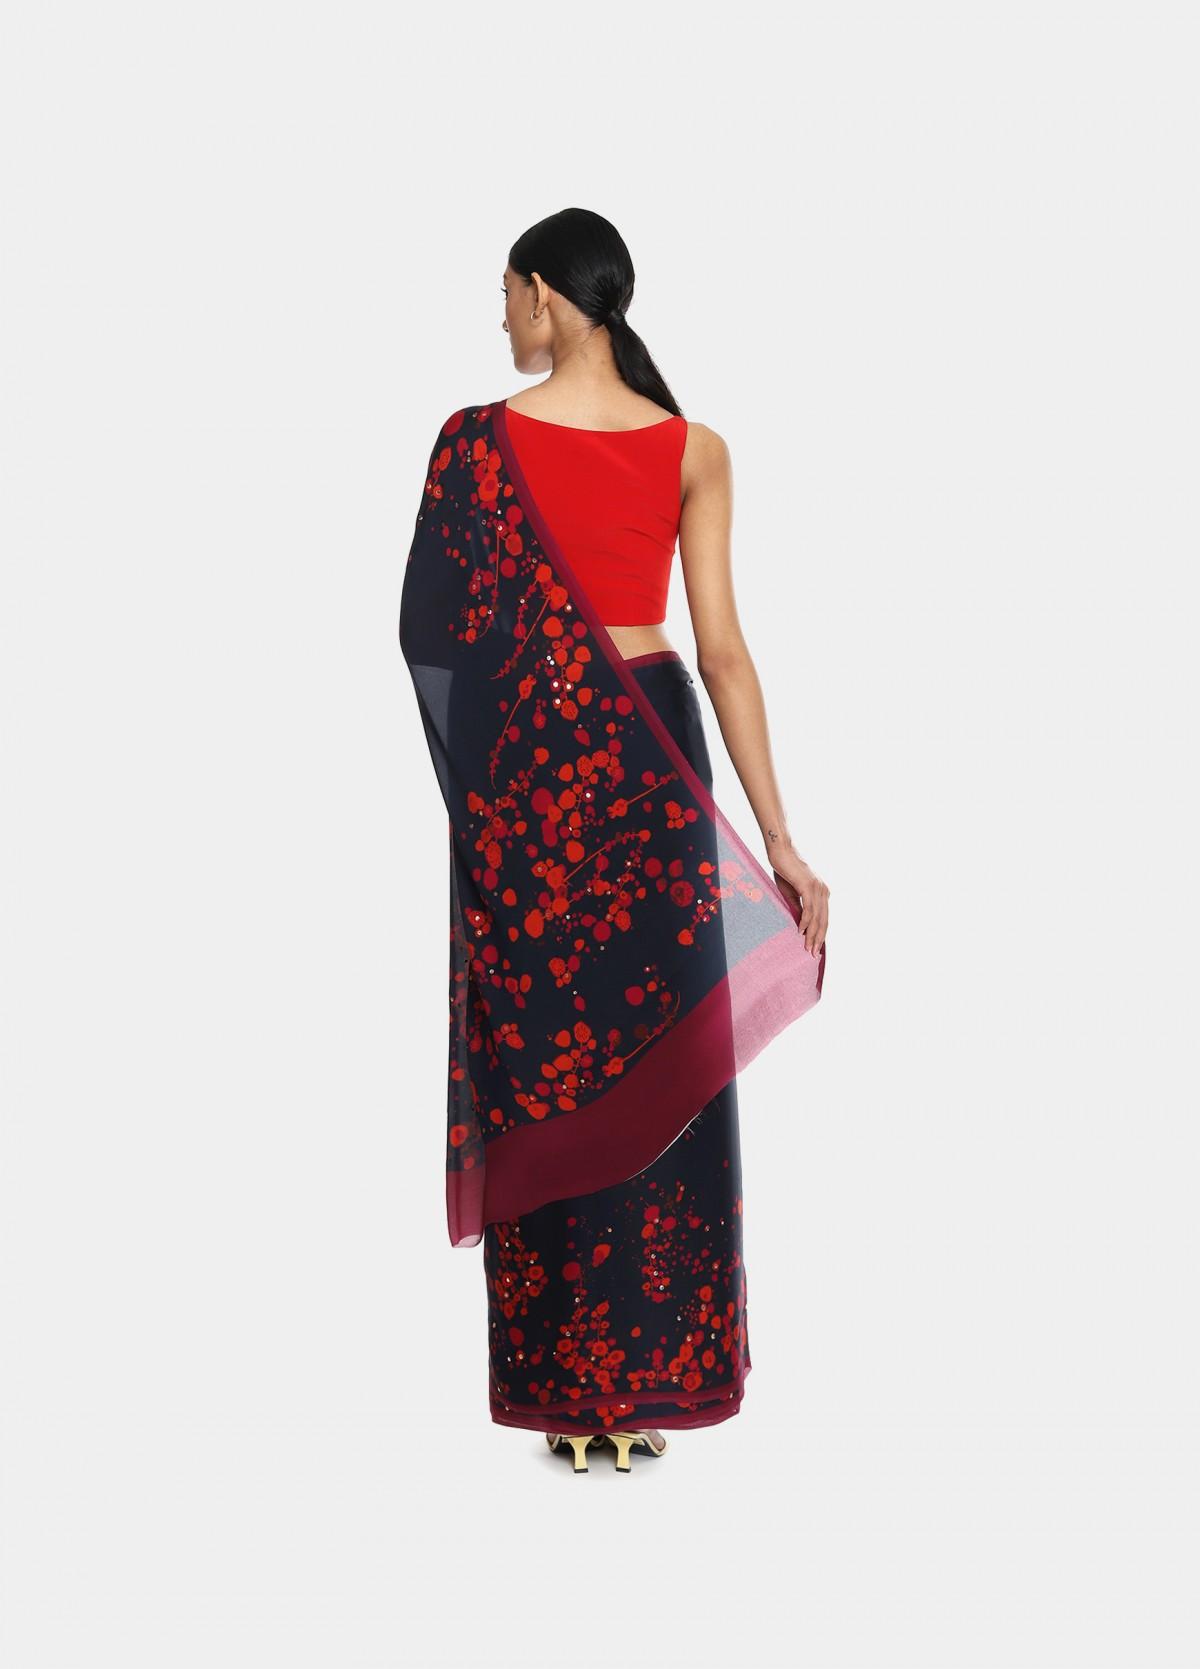 The Rizo Sari